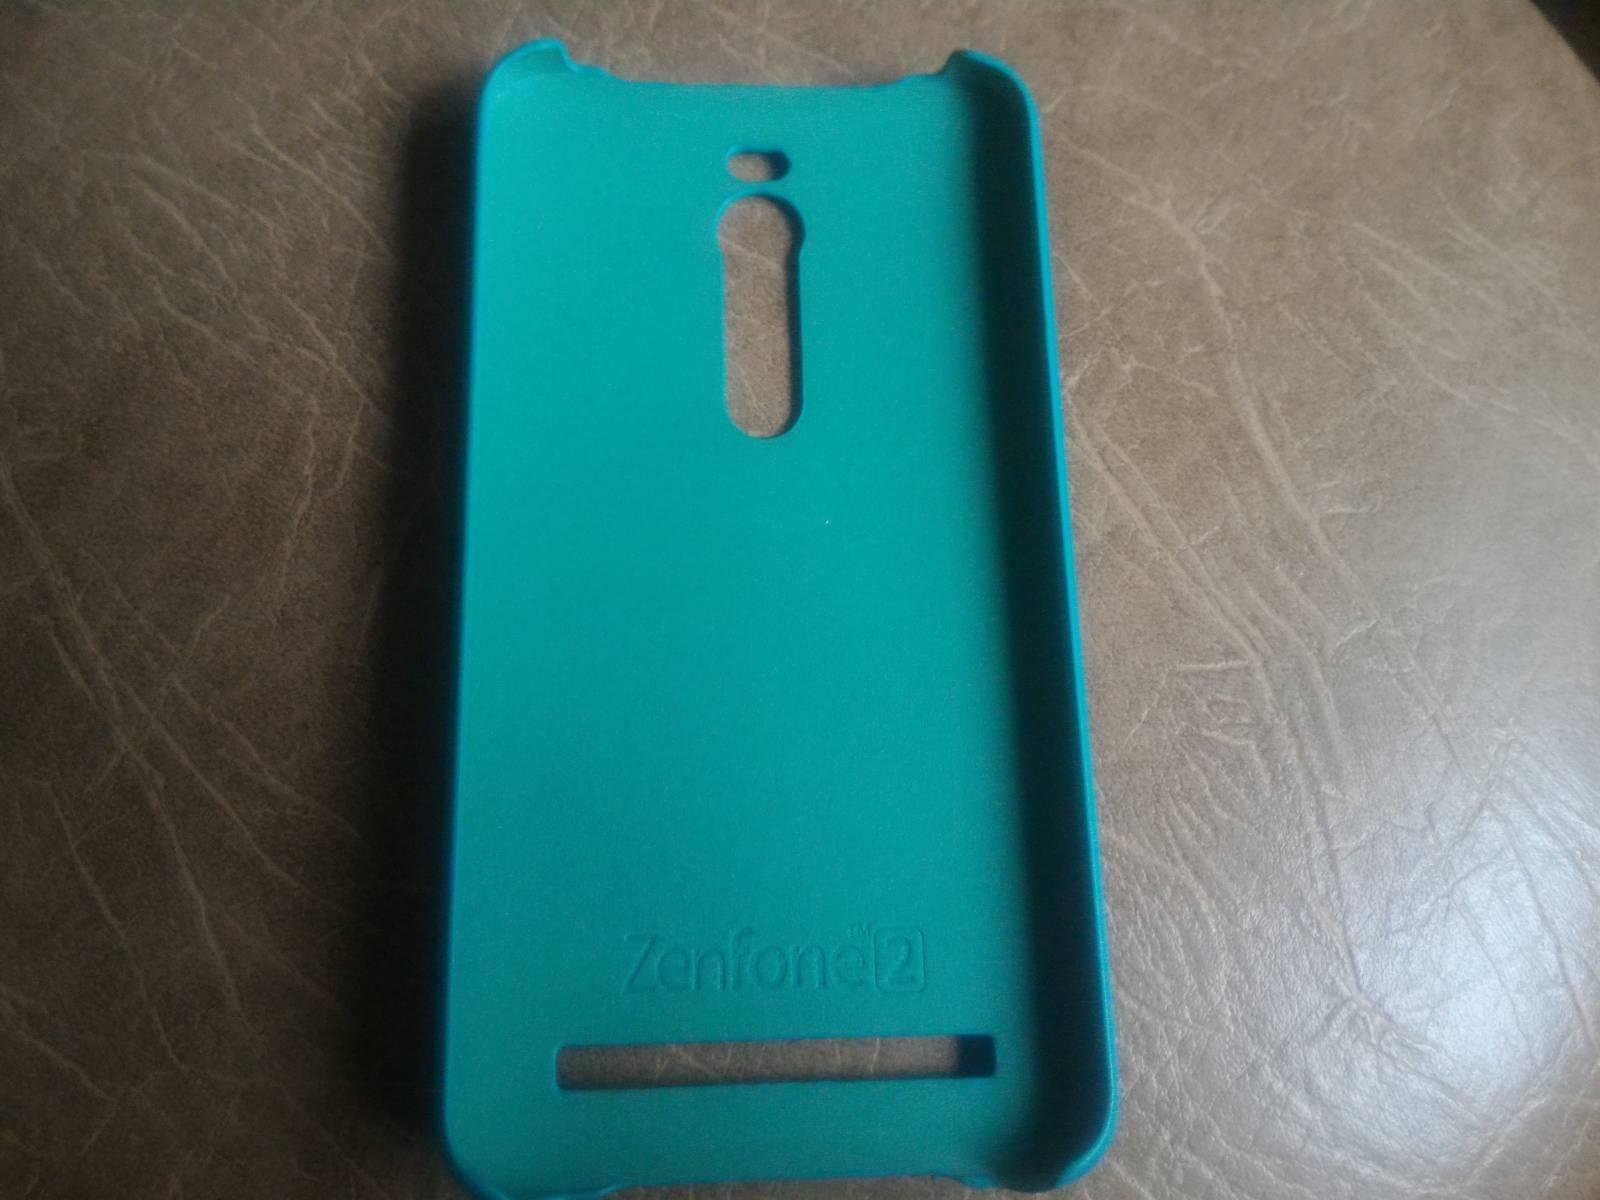 GearBest: Оригинальный чехол для Asus ZenFone 2 (5.5')